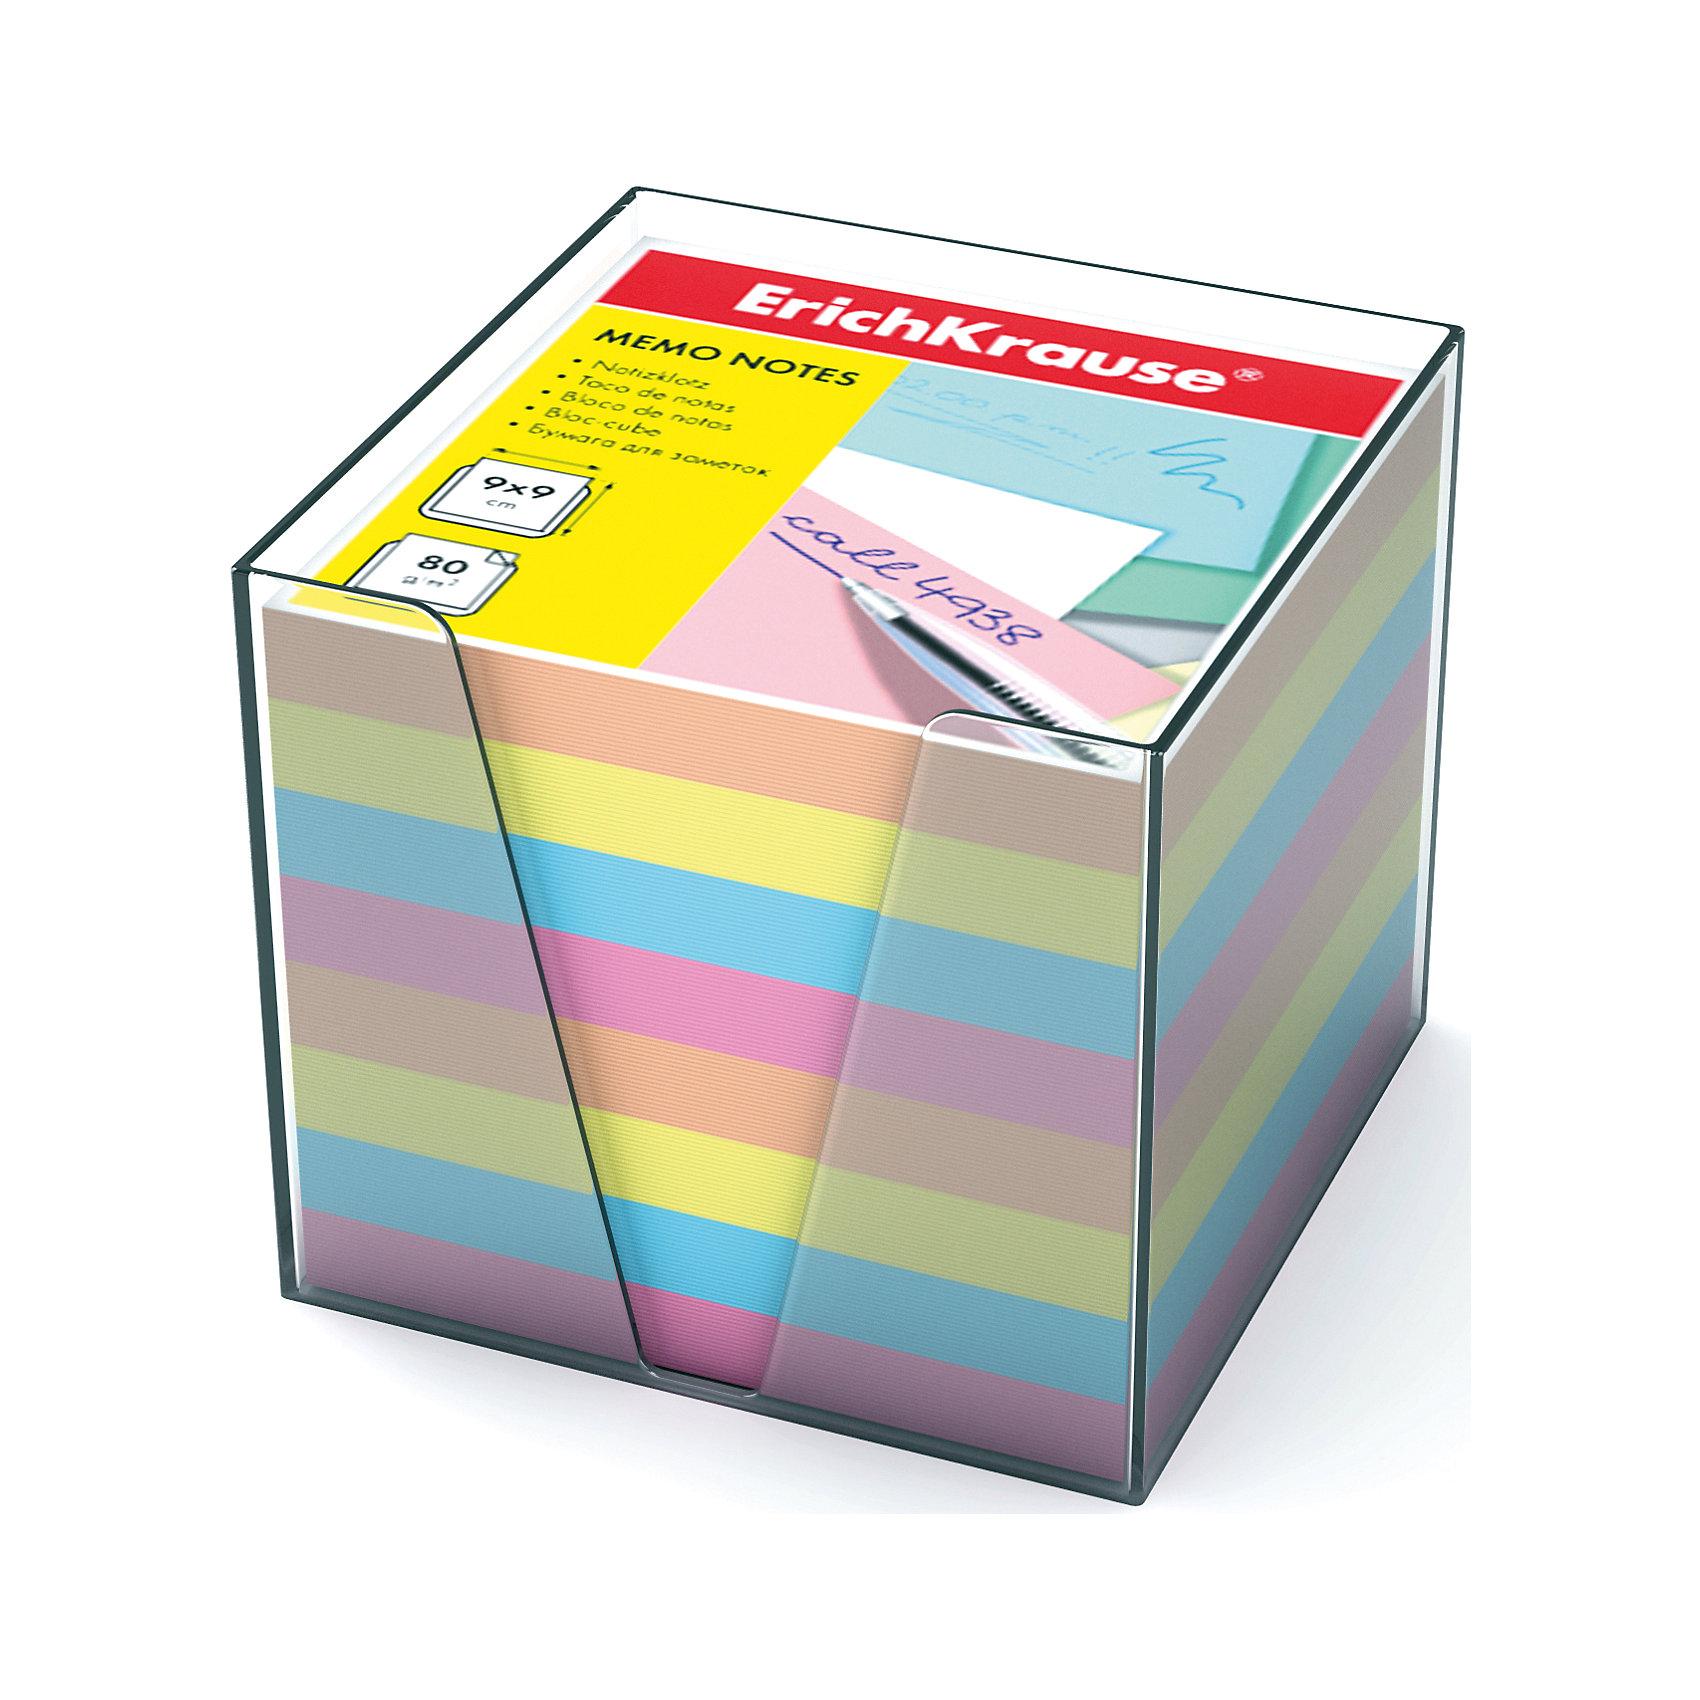 Erich Krause Бумага настольная 90*90*90 мм в пластиковом контейнереБумажная продукция<br>Характеристики товара:<br><br>• размер бумаги: 90х90х90 мм;<br>• высота блока: 5 см;<br>• плотность бумаги: 80 г/м2;<br>• материал: бумага, пластик;<br>• размер упаковки: 9х9х9 см;<br>• вес: 651 грамм.<br><br>Настольная бумага Erich Krause отлично подойдет для написания заметок и важной информации. Набор упакован в пластиковый контейнер, который делает использование бумаги еще удобнее. Бумага компактно хранится на рабочем столе, не занимая много места. В комплект входит бумага разных цветов плотностью 80 г/м2.<br><br>Erich Krause (Эрих Краузе) Бумагу настольную  90*90*90 мм в пластиковом контейнере можно купить в нашем интернет-магазине.<br><br>Ширина мм: 90<br>Глубина мм: 90<br>Высота мм: 90<br>Вес г: 650<br>Возраст от месяцев: 144<br>Возраст до месяцев: 2147483647<br>Пол: Унисекс<br>Возраст: Детский<br>SKU: 6878808